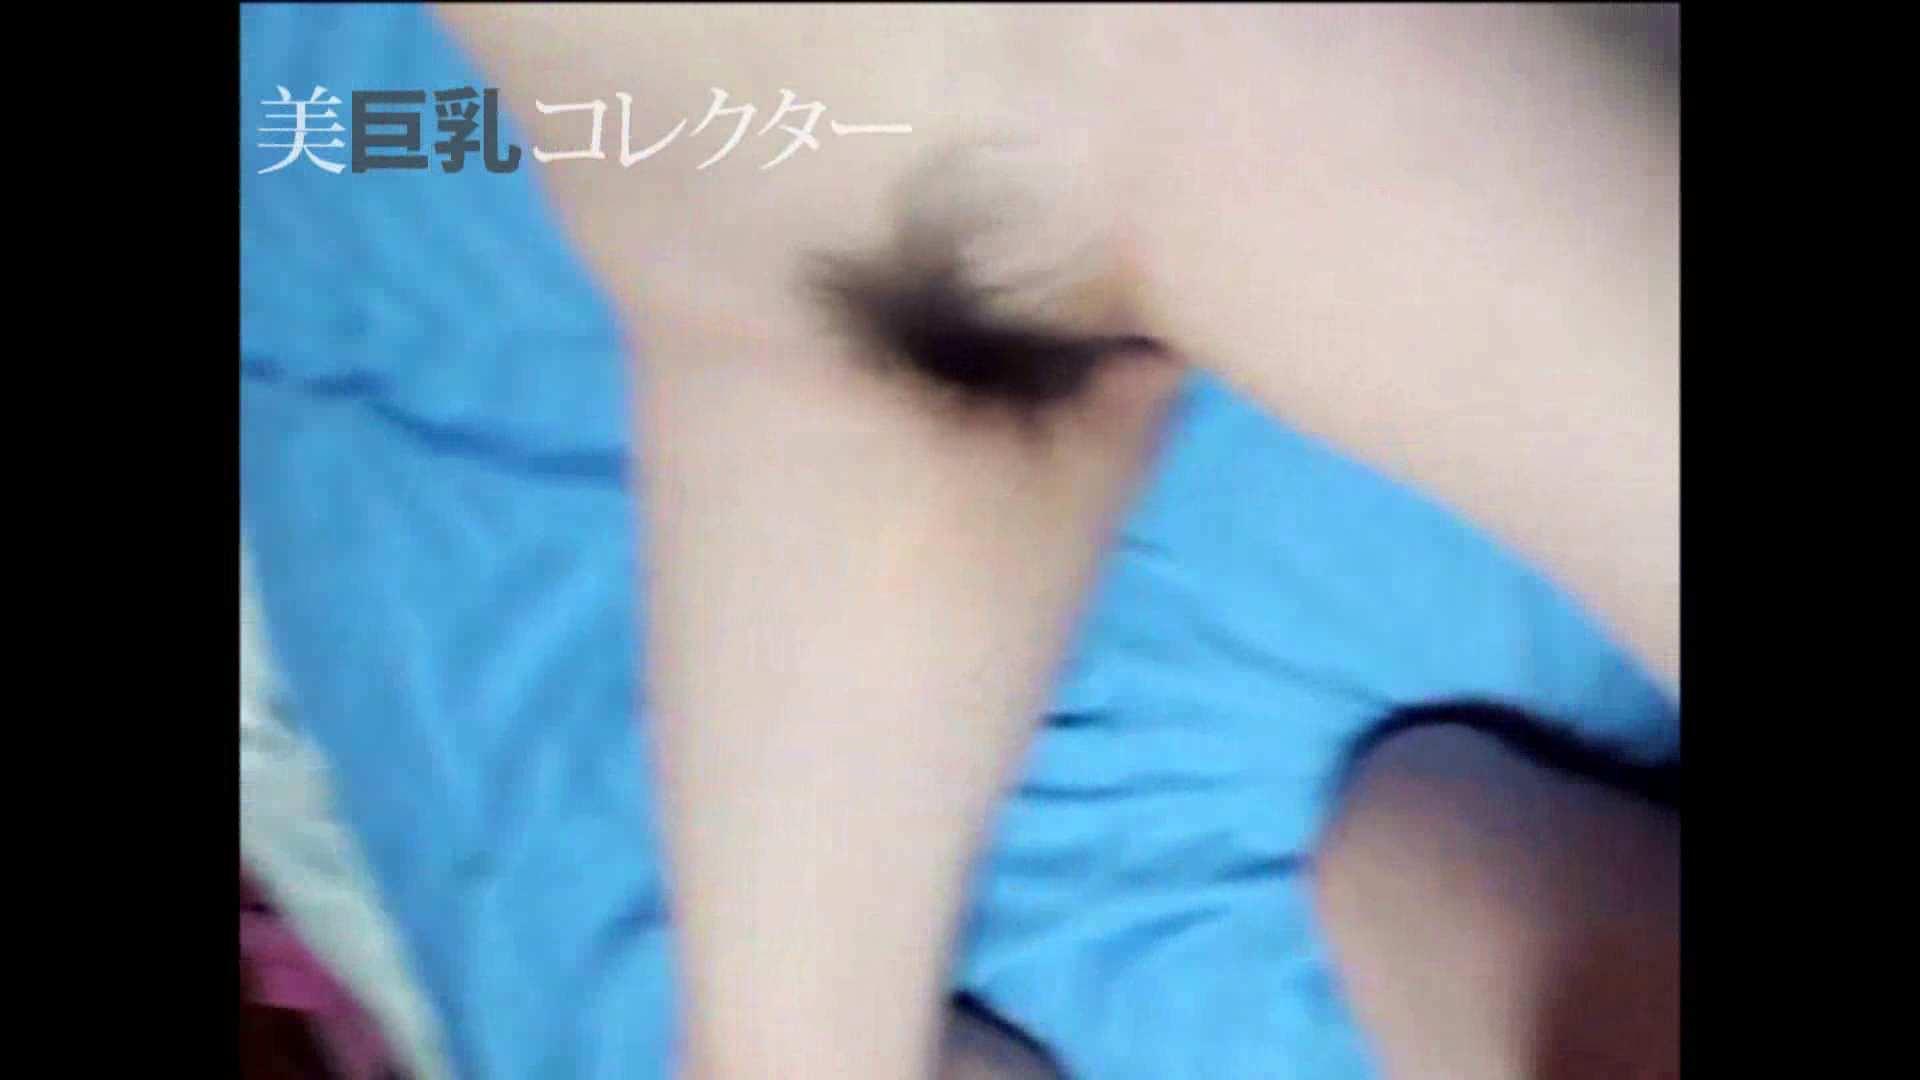 泥酔スレンダー巨乳美女2 エッチな美女   隠撮  109pic 94